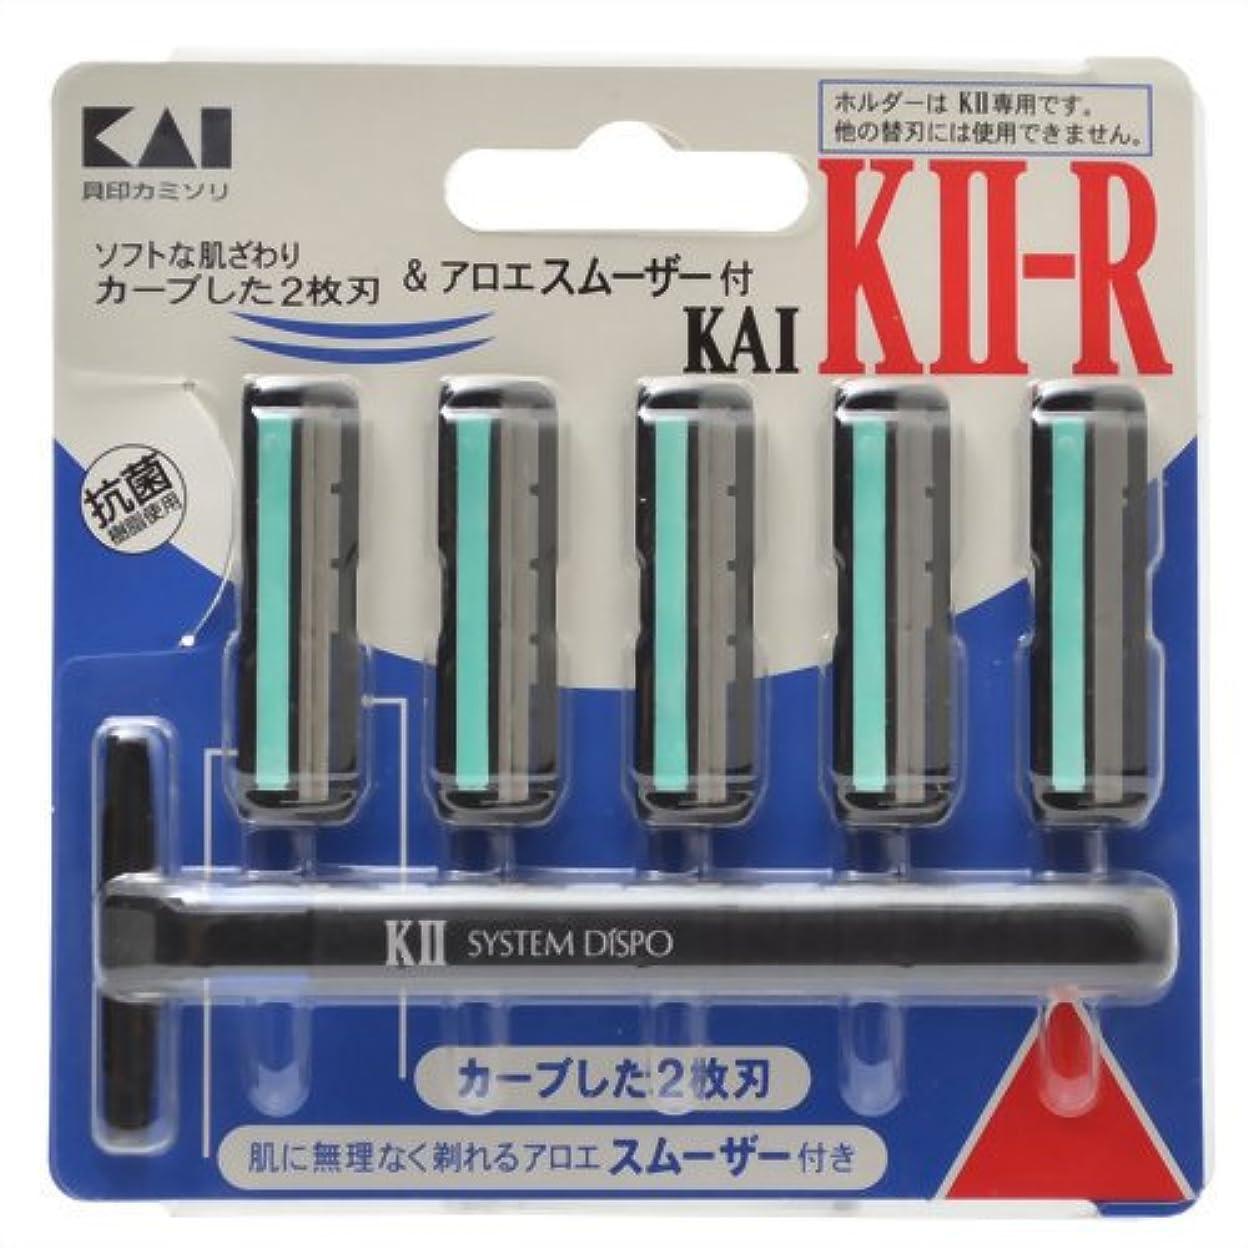 貝印 KAI KII-R ひげそり用カミソリ アロエスムーザー付